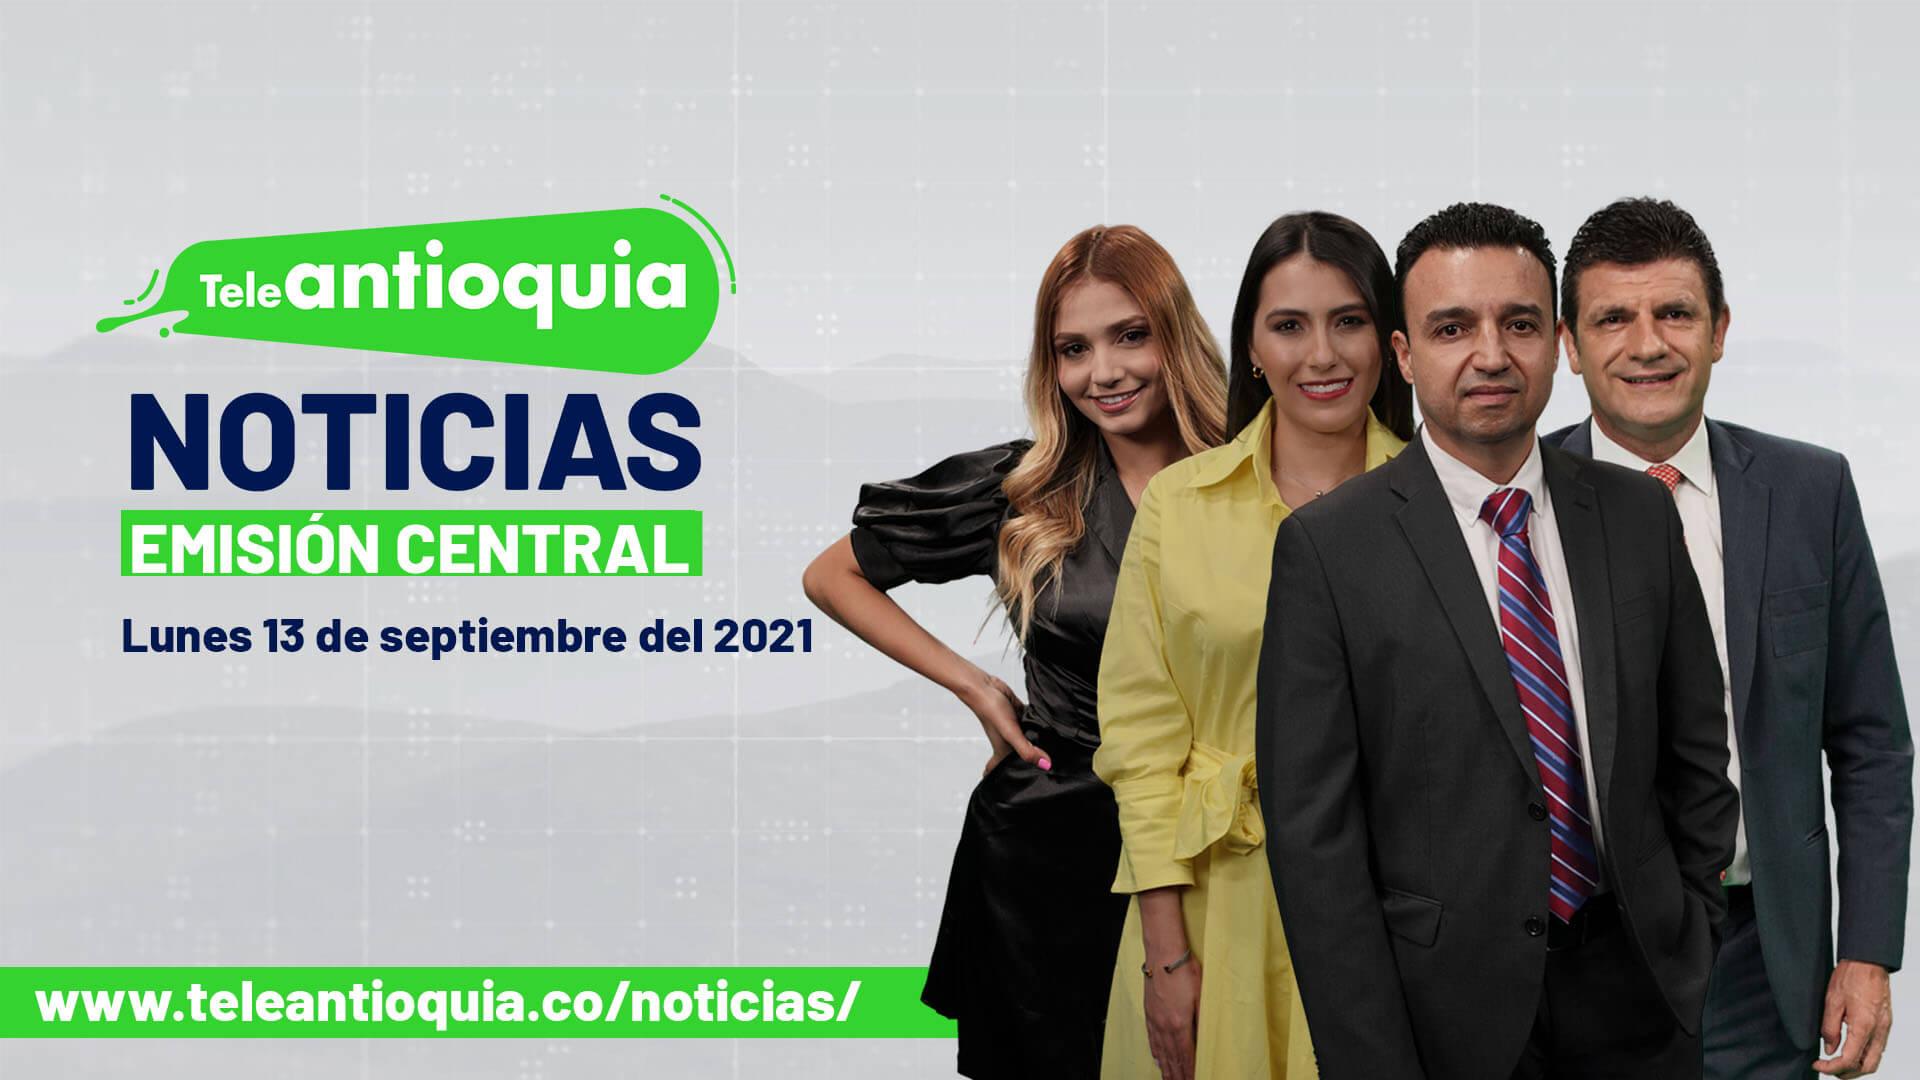 Teleantioquia Noticias - lunes 13 de septiembre de 2021